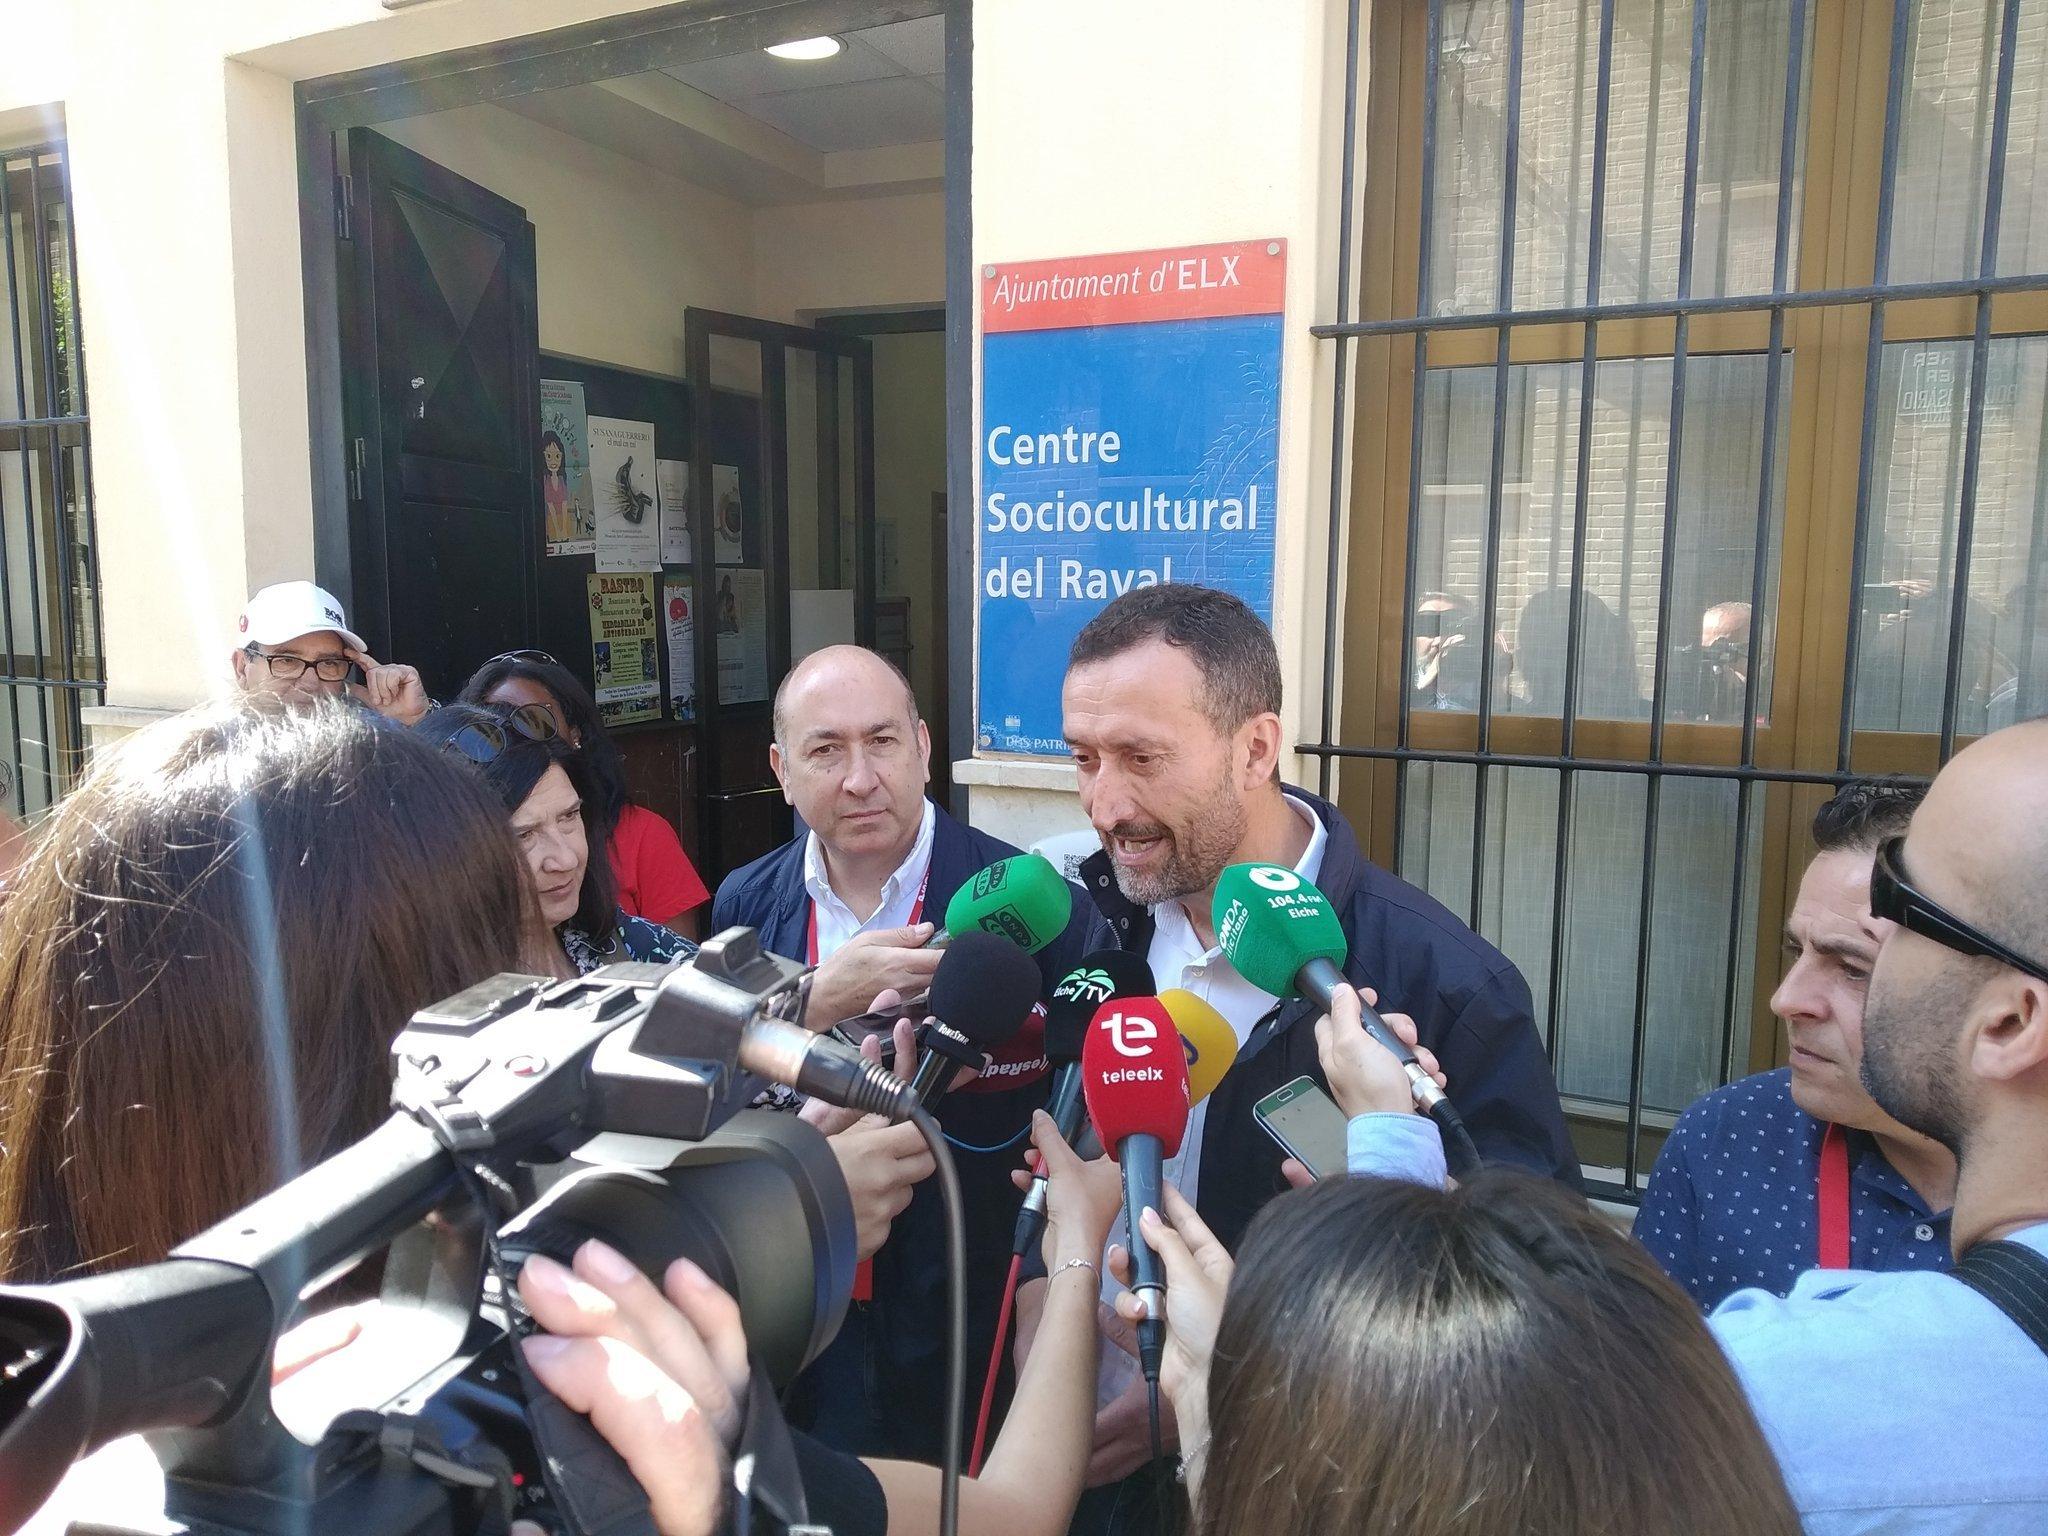 Carlos González revalida y el PSOE se sitúa como partido más votado con 12 concejales.